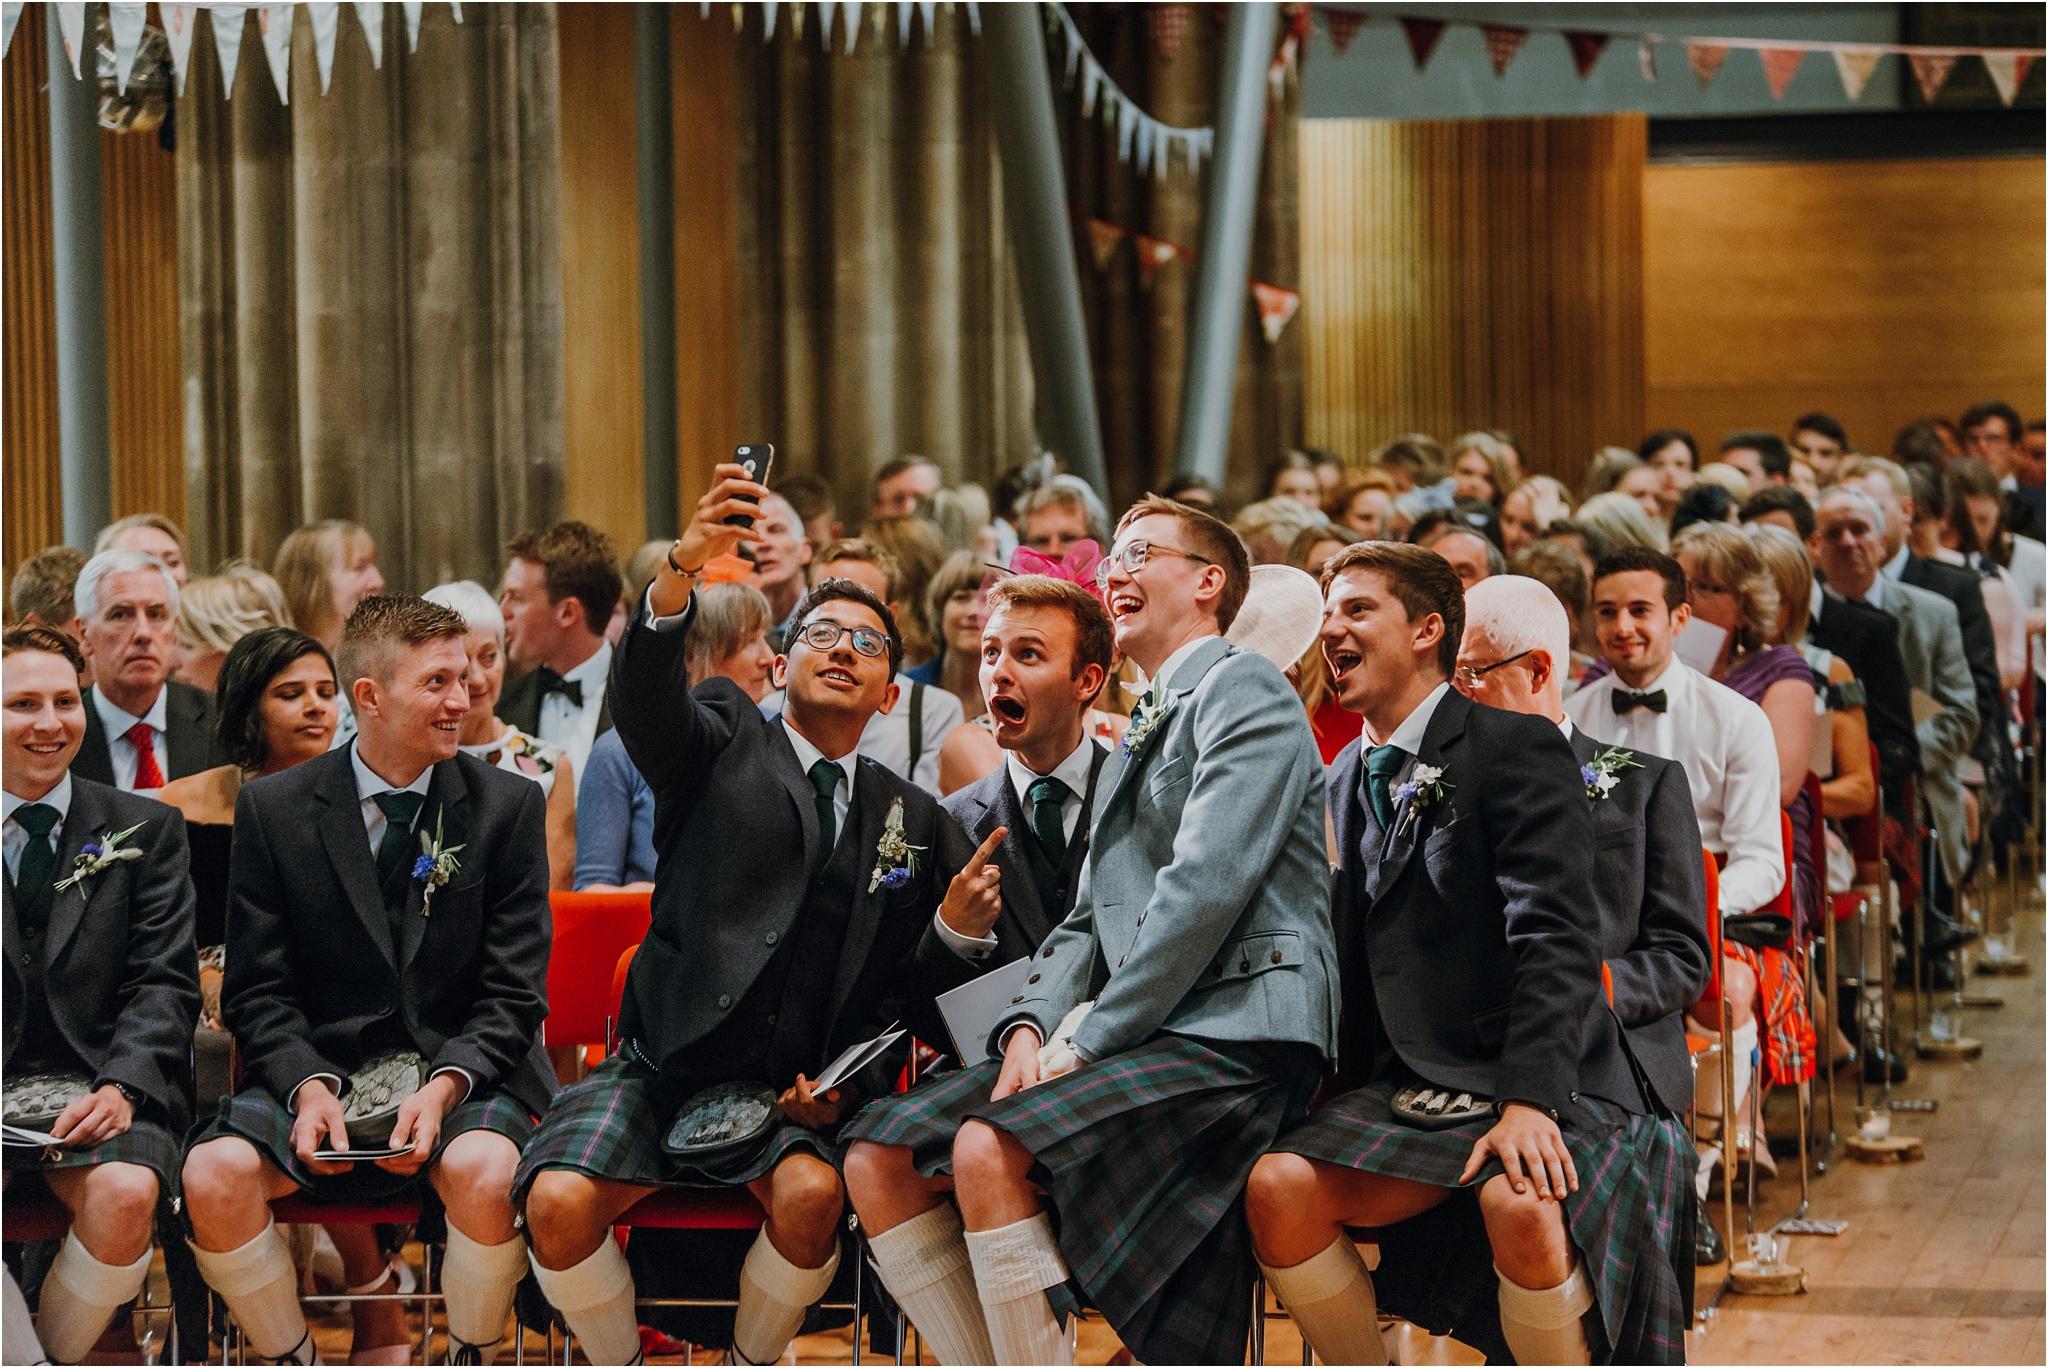 Edinburgh-barn-wedding-photographer_30.jpg